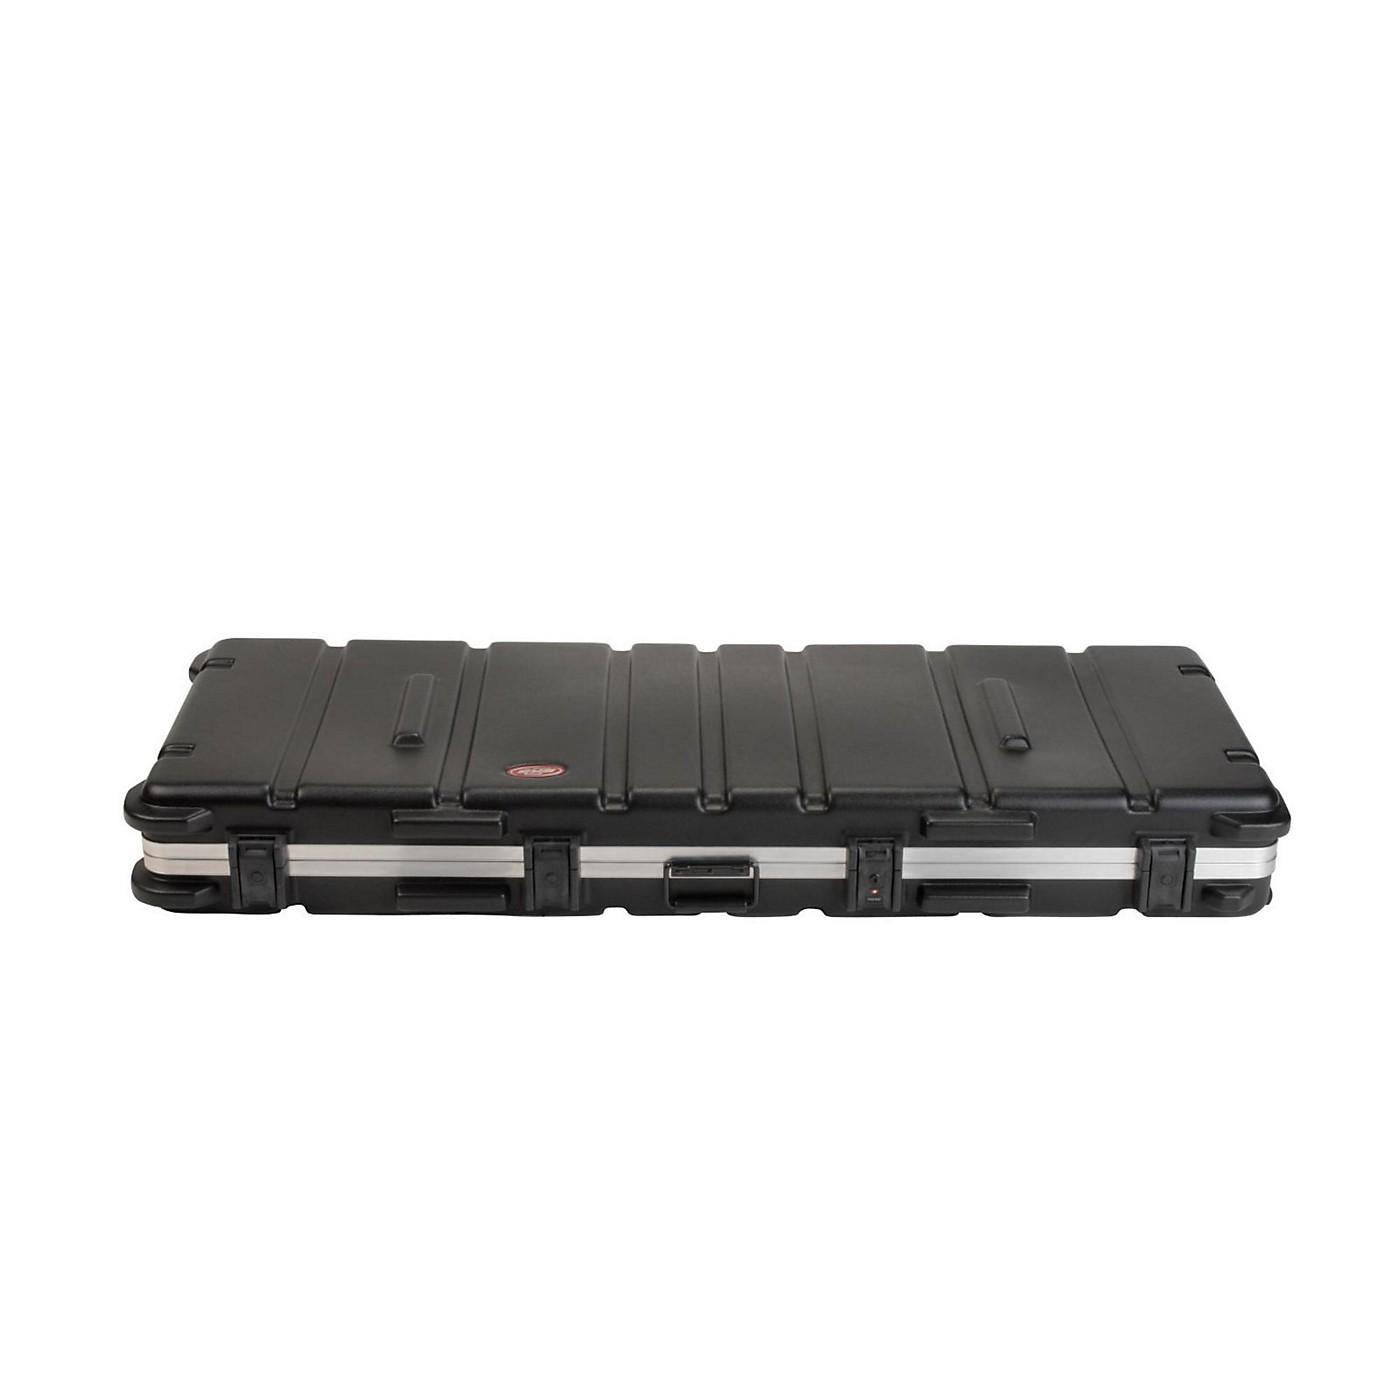 SKB SKB-5820W 88-Key Keyboard Case with Wheels thumbnail